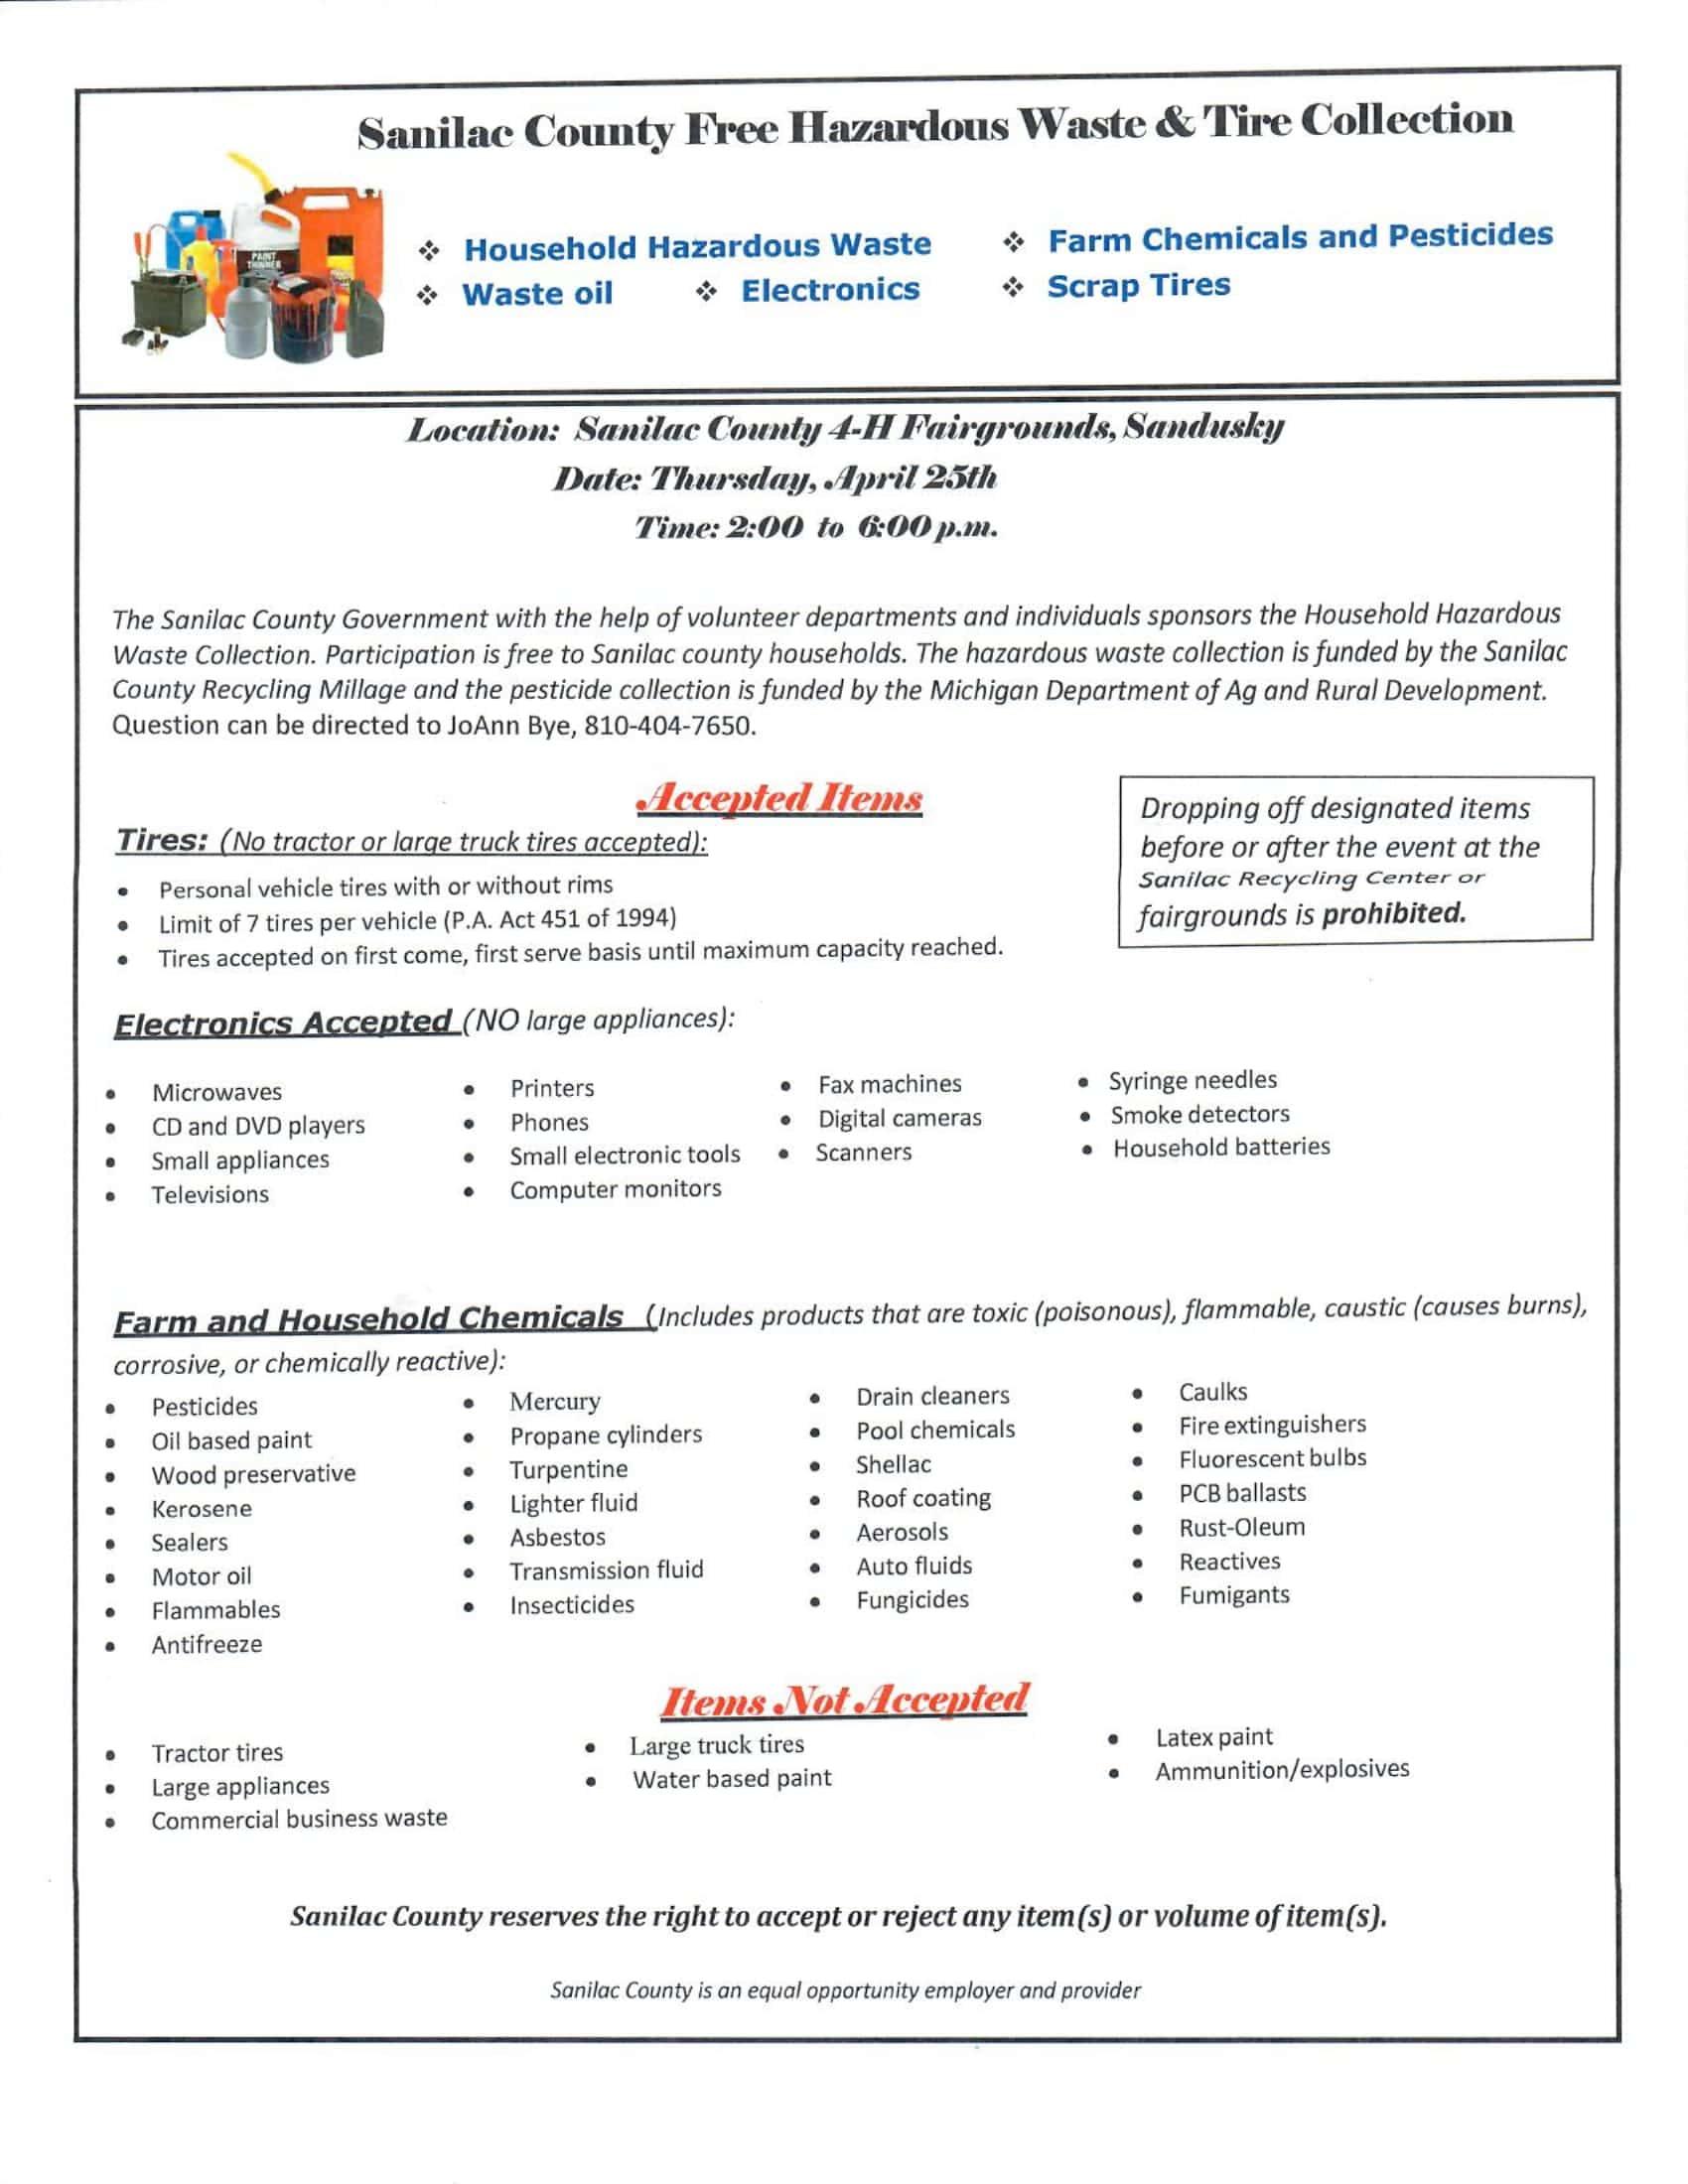 Sanilac County Free Hazardous Waste & Tire Collection | Sanilac